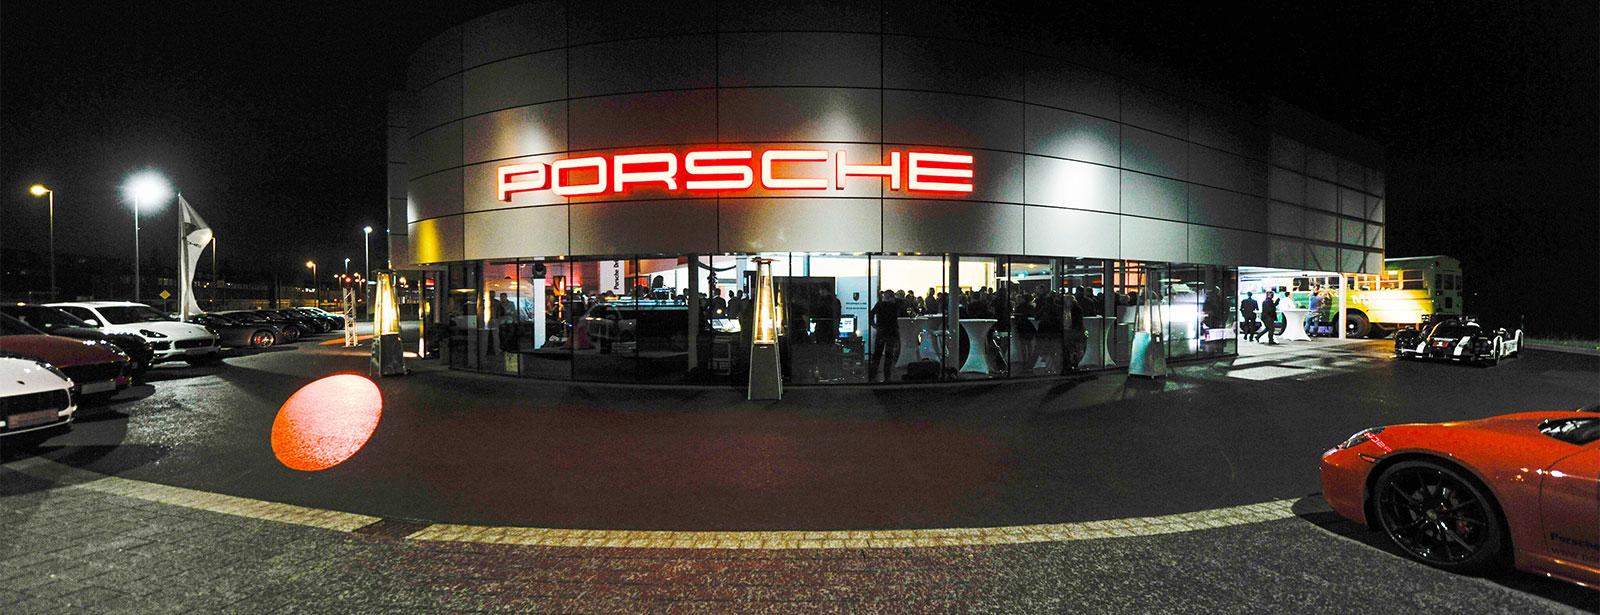 Porsche Centre Rostock